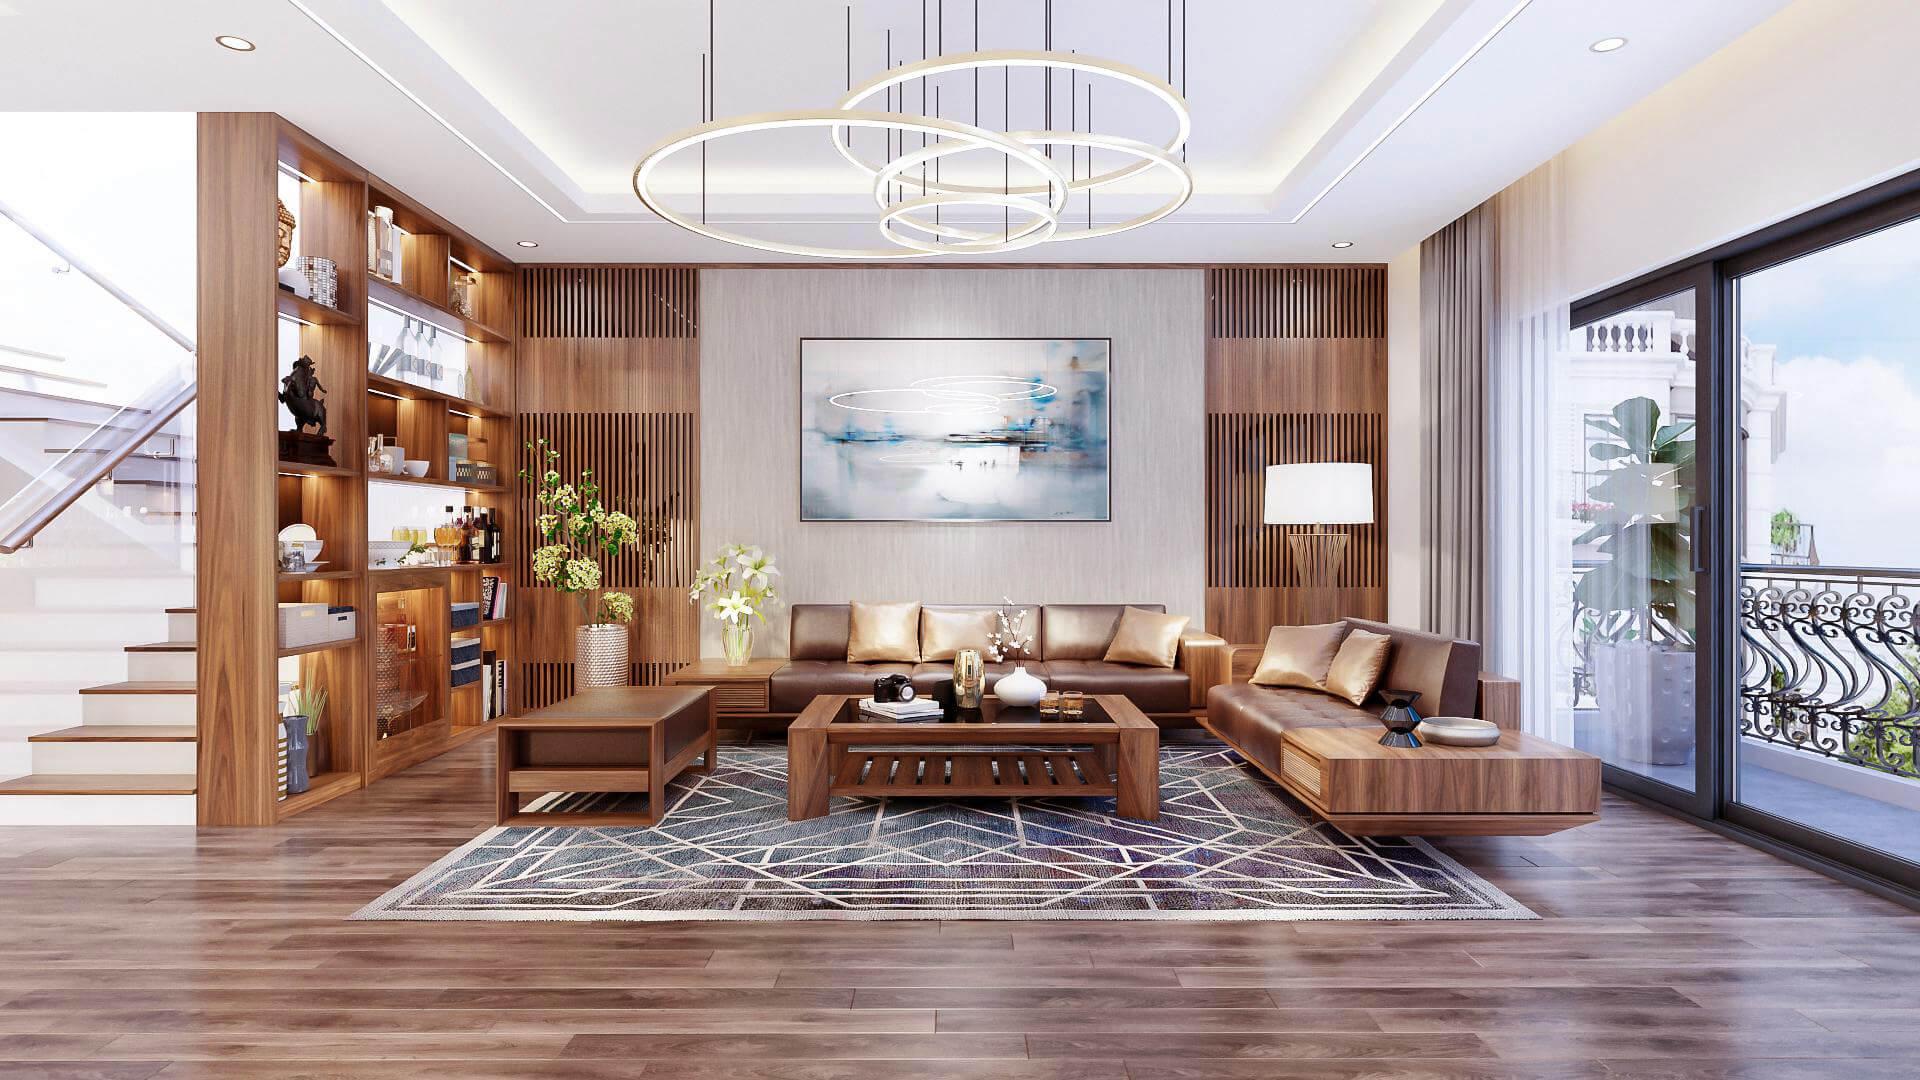 Mẫu thiết kế nội thất phòng khách biệt thự sang trọng, hiện đại